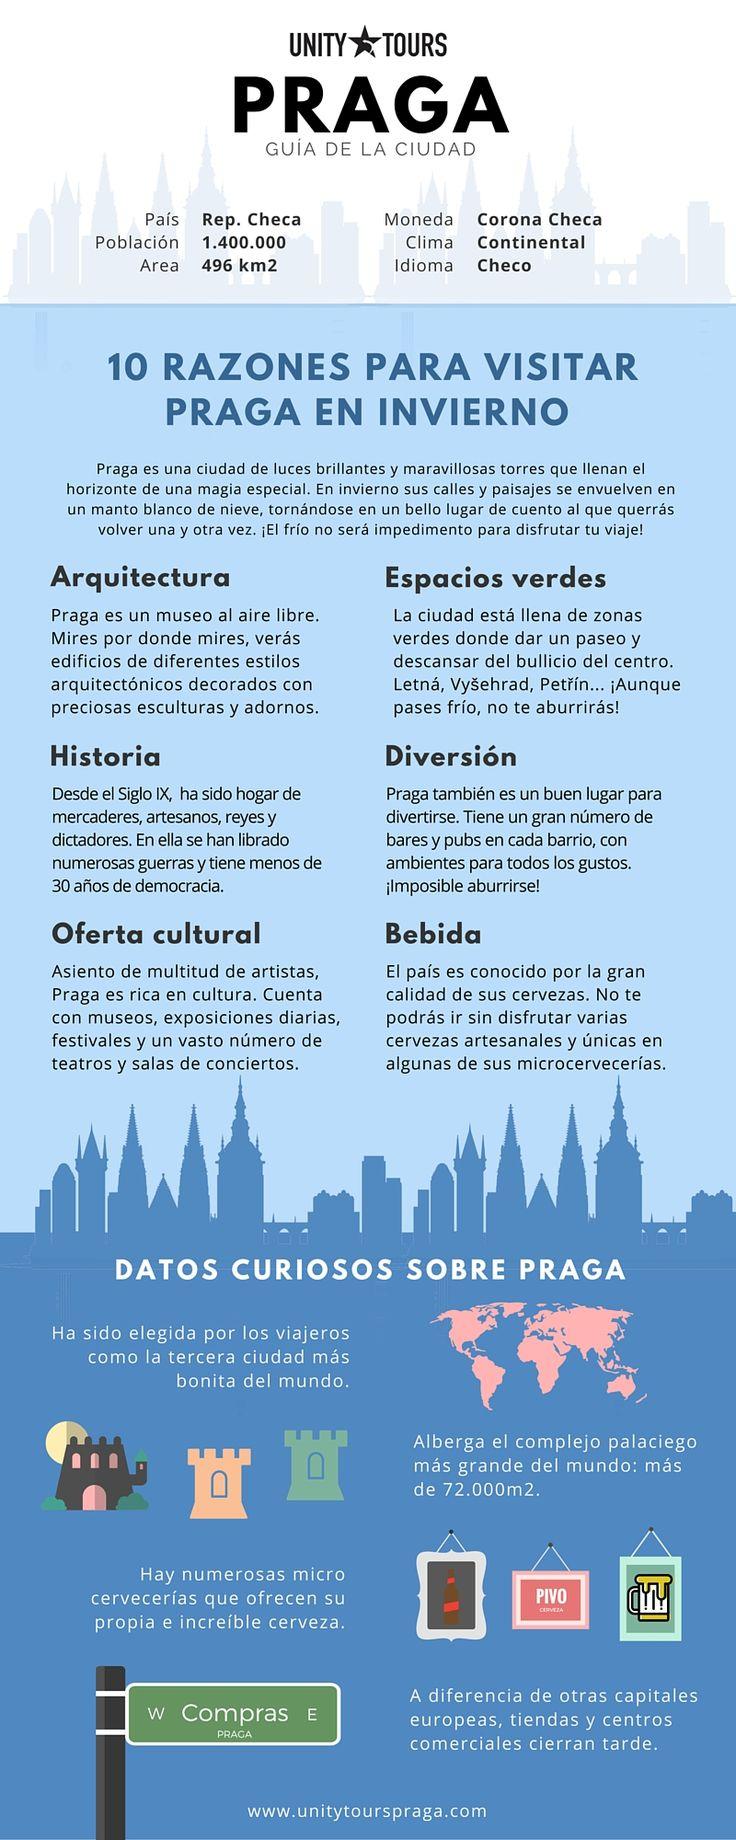 Praga no necesita excusa para ser visitada, pero debes conocer estos datos de interés para viajar en invierno. ¡Te encantará!  #RepúblicaCheca #Turismo #Praga #QuehacerEnPraga #Viajar #Viajes